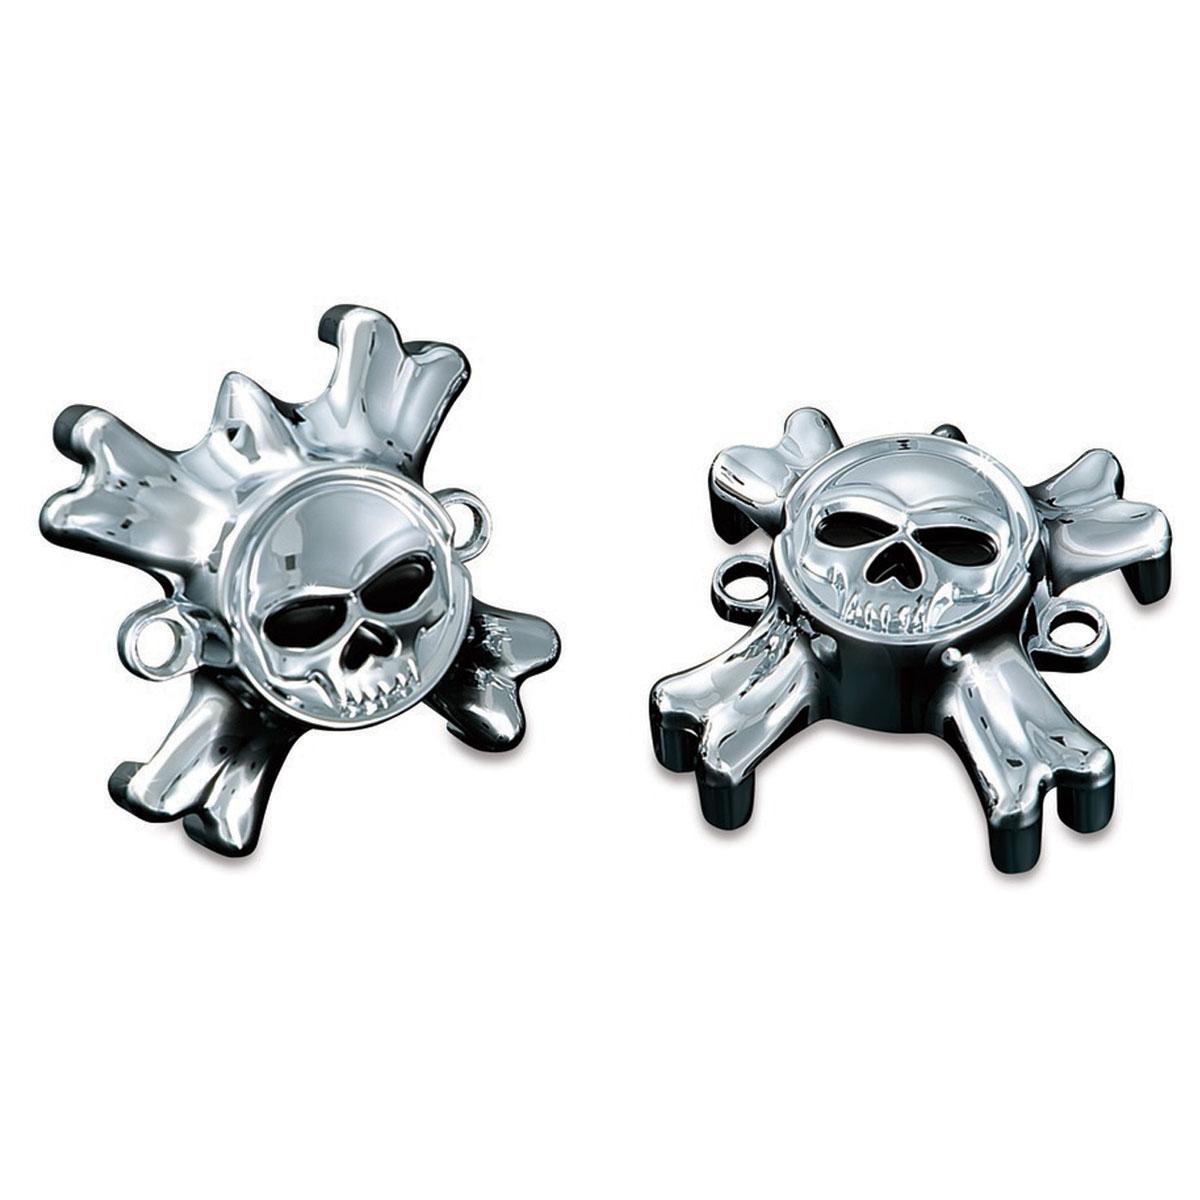 Kuryakyn Zombie Grip Emblems